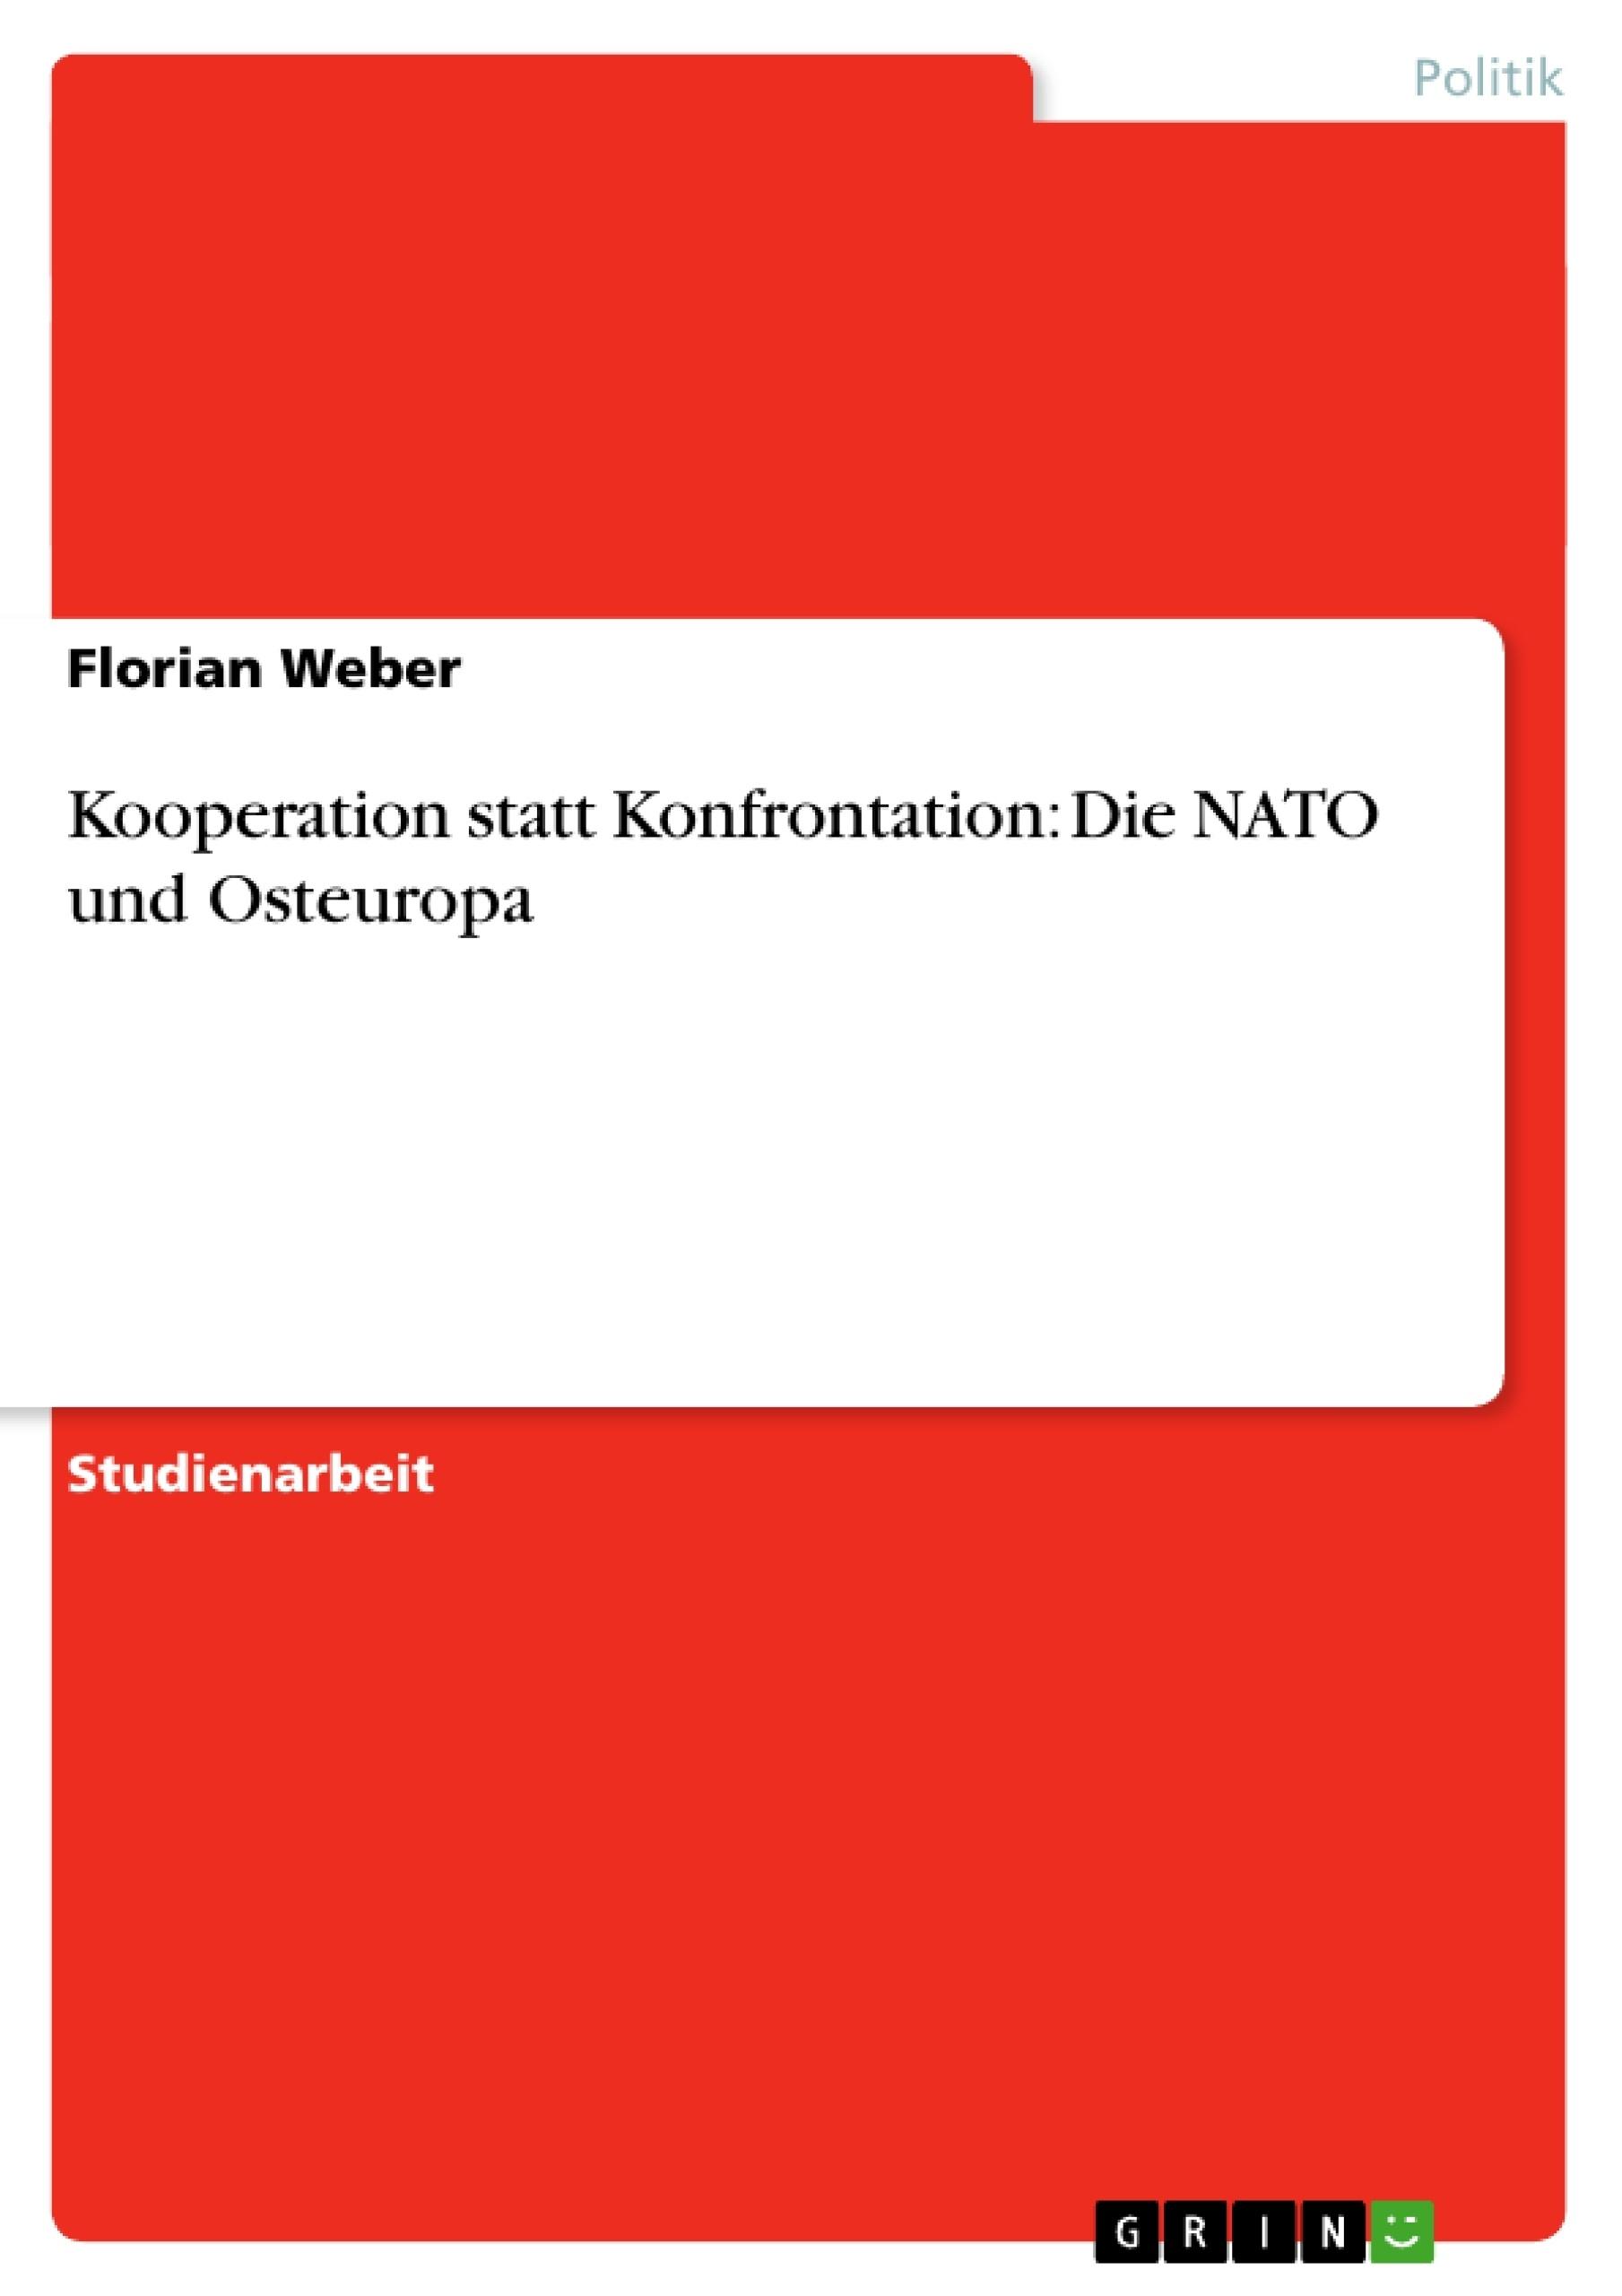 Titel: Kooperation statt Konfrontation: Die NATO und Osteuropa